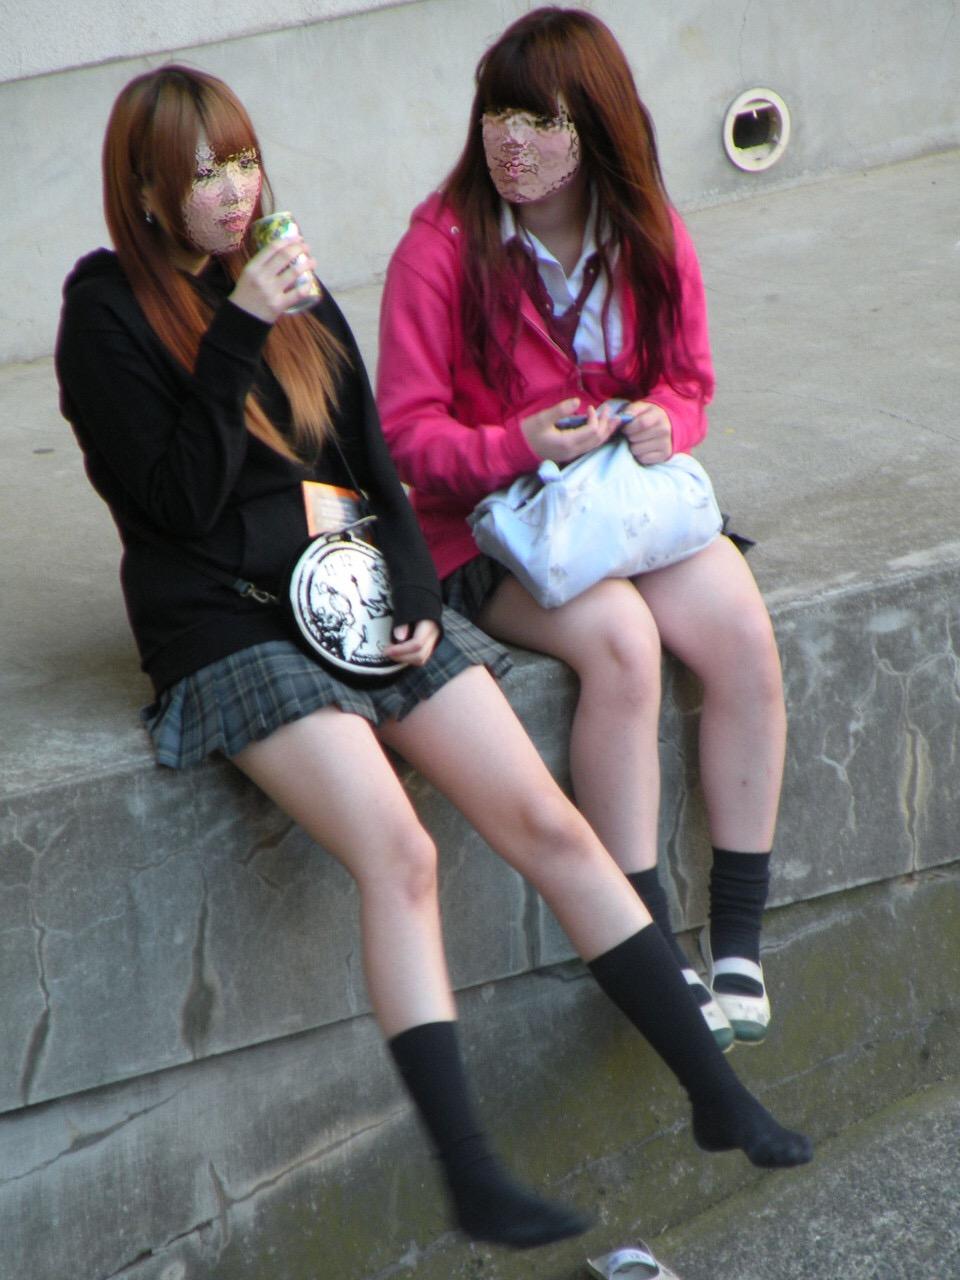 女子高生のエッチな太もも大量放出wwwwww WTT6FVl